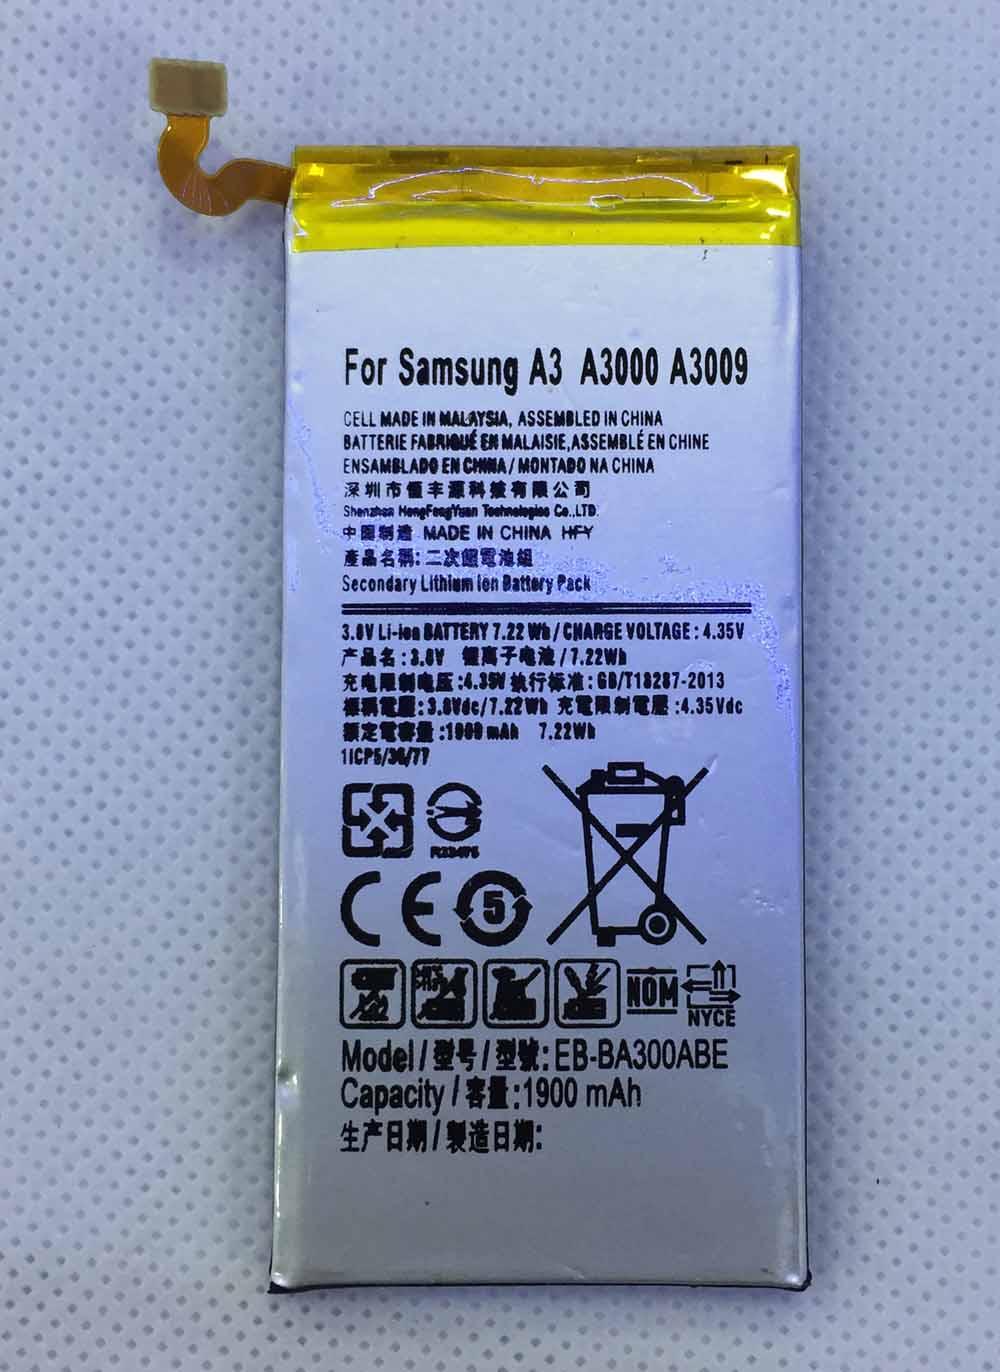 HFY EB-BA300ABE Battery for Samsung Galaxy A3 2015 A300 A3000 A300X A300H A300F A3009 A300G/M/FU Battery  EBBA300ABE   HFY EB-BA300ABE Battery for Samsung Galaxy A3 2015 A300 A3000 A300X A300H A300F A3009 A300G/M/FU Battery  EBBA300ABE